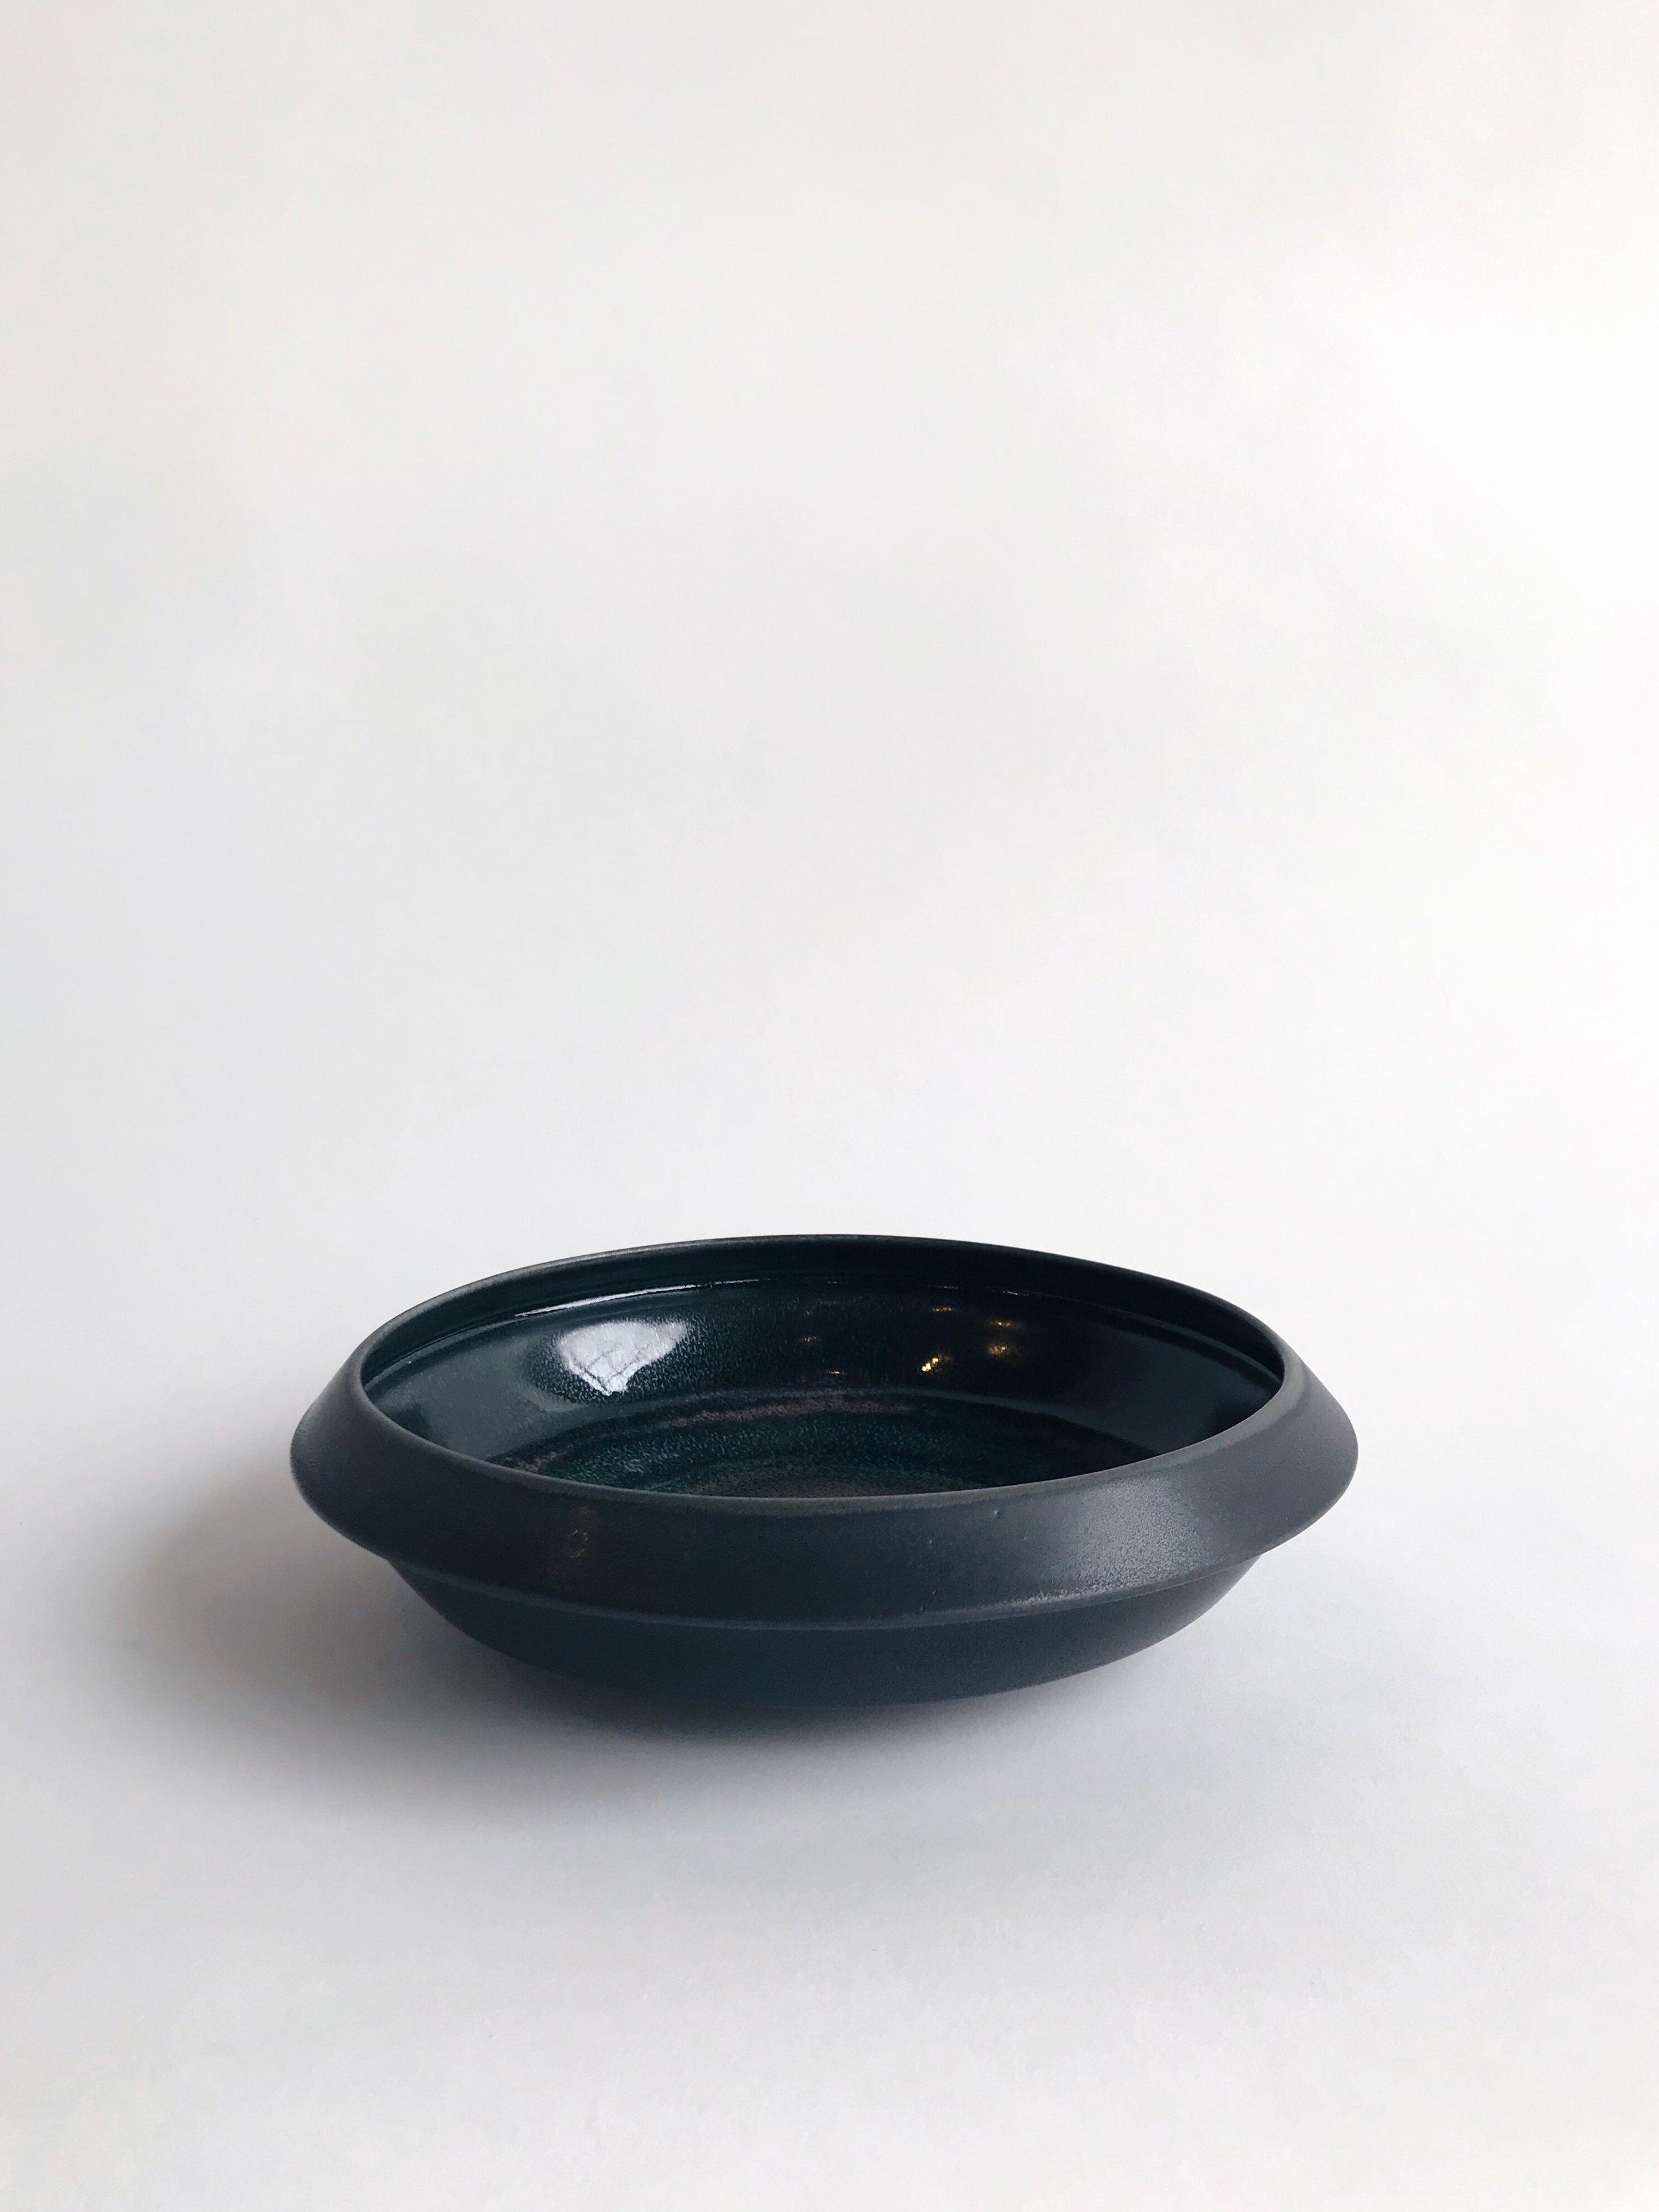 Sorrento dark 1.JPG